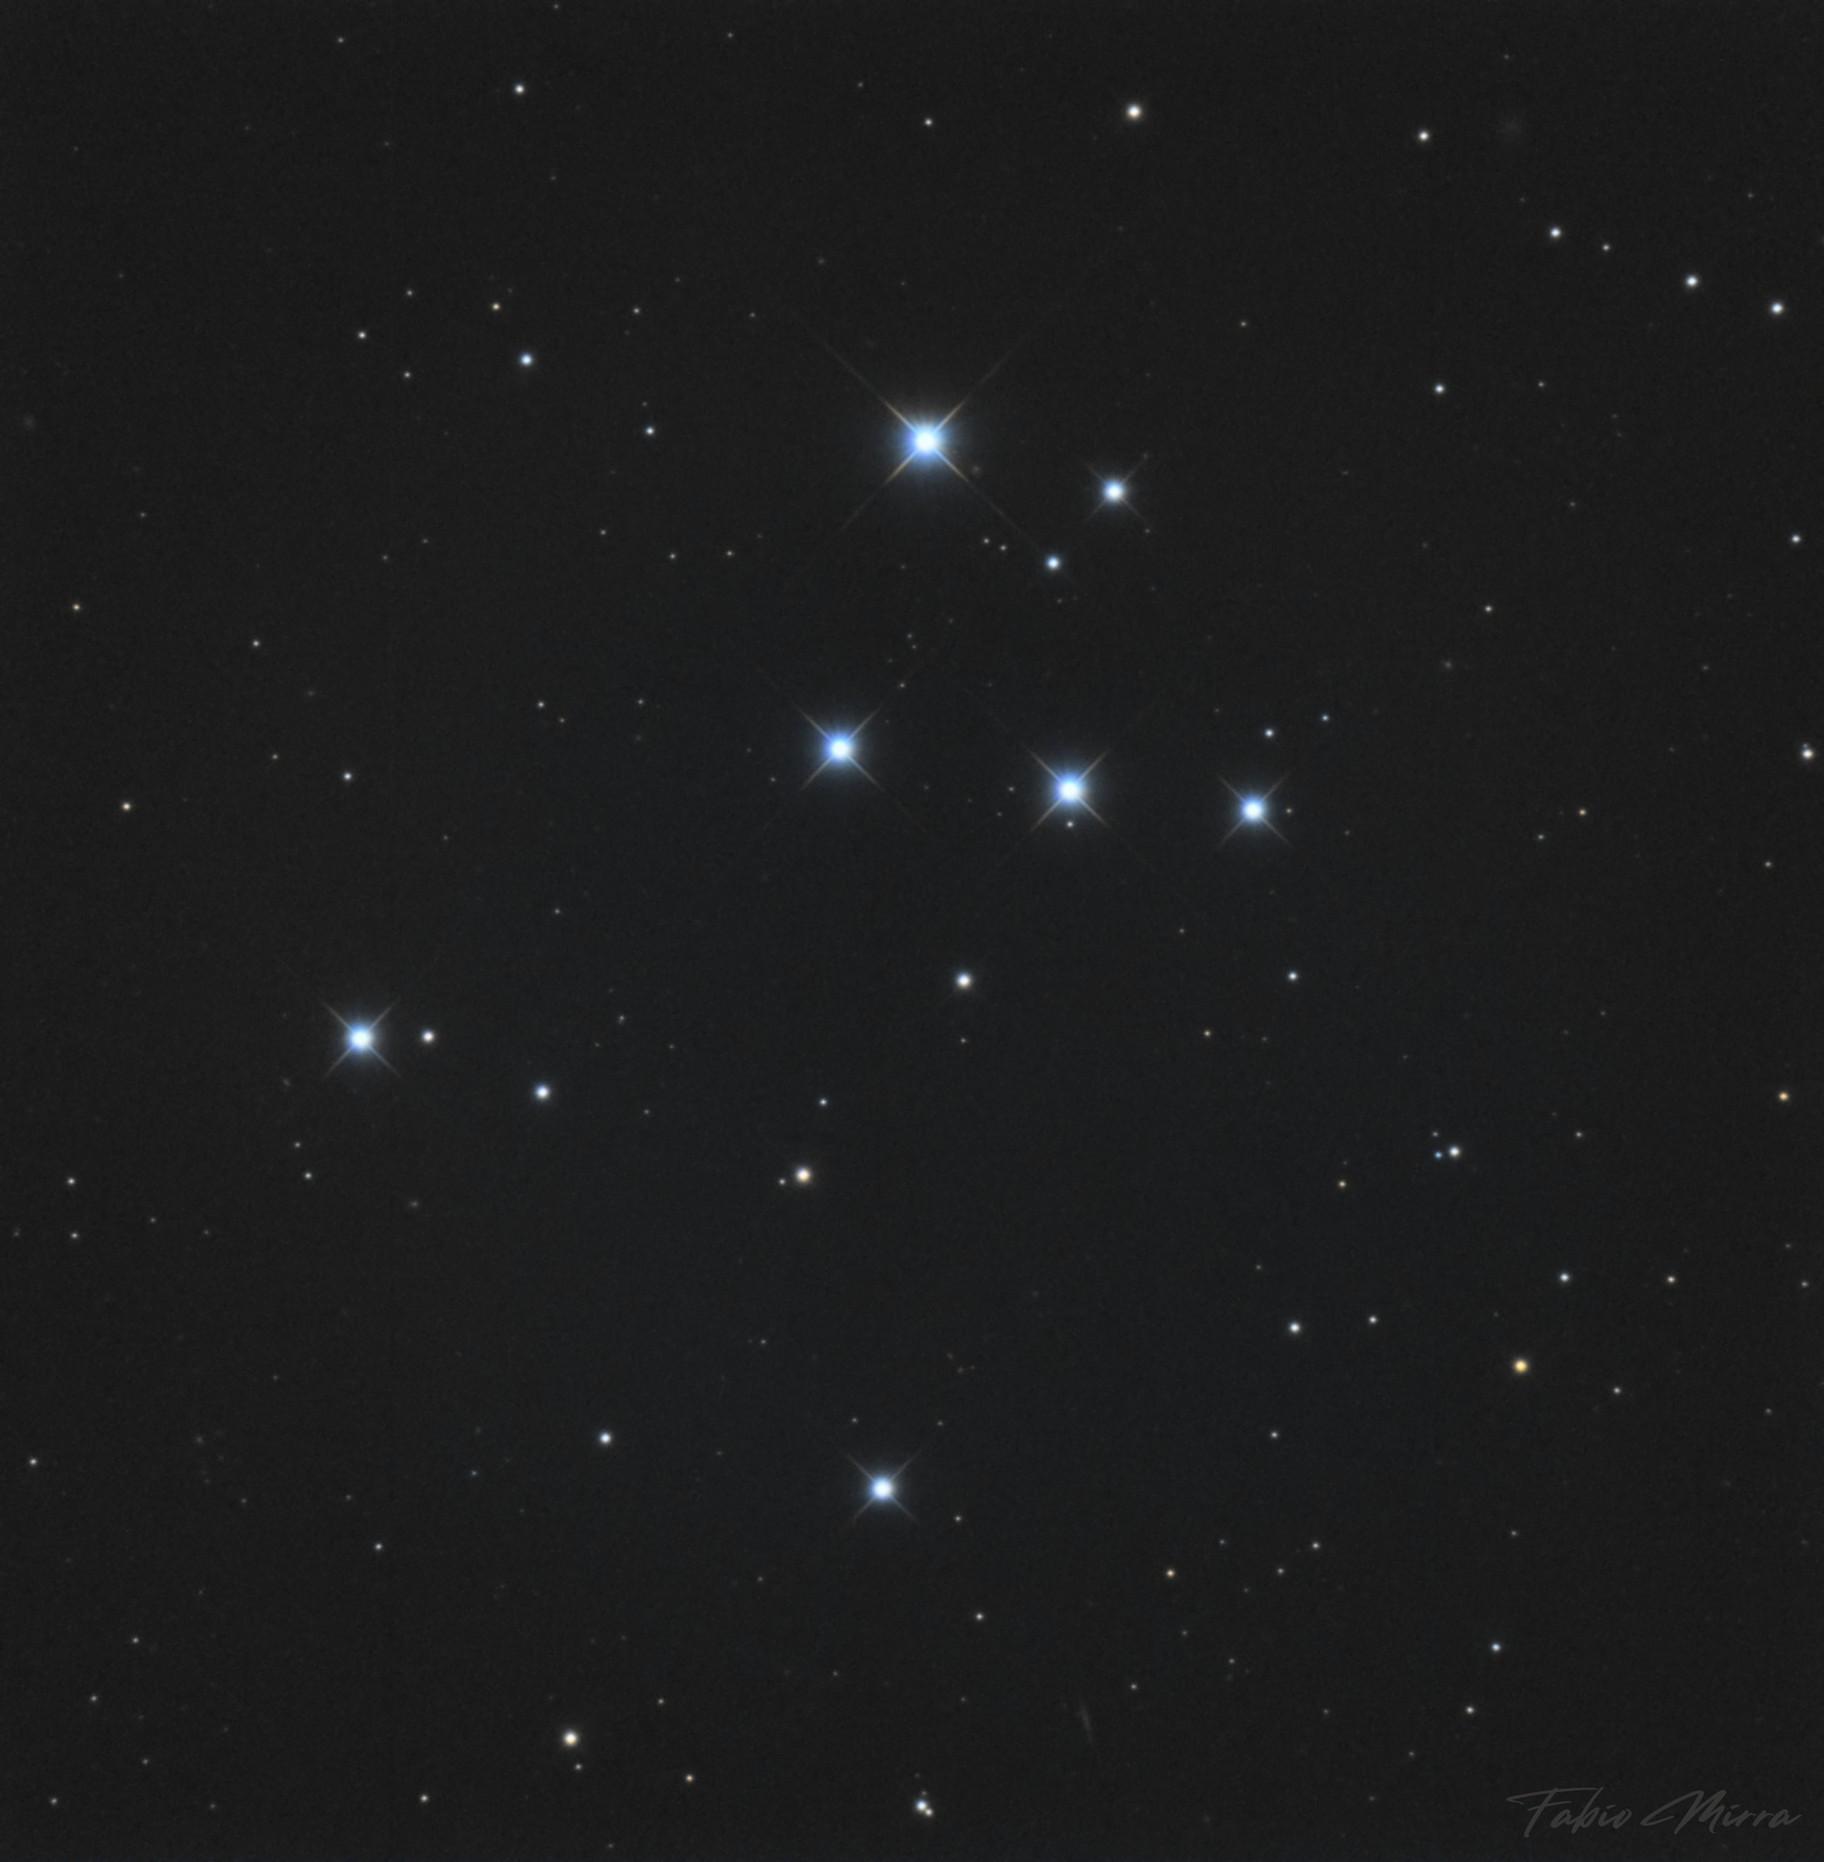 Upgren1 - Open cluster remnant